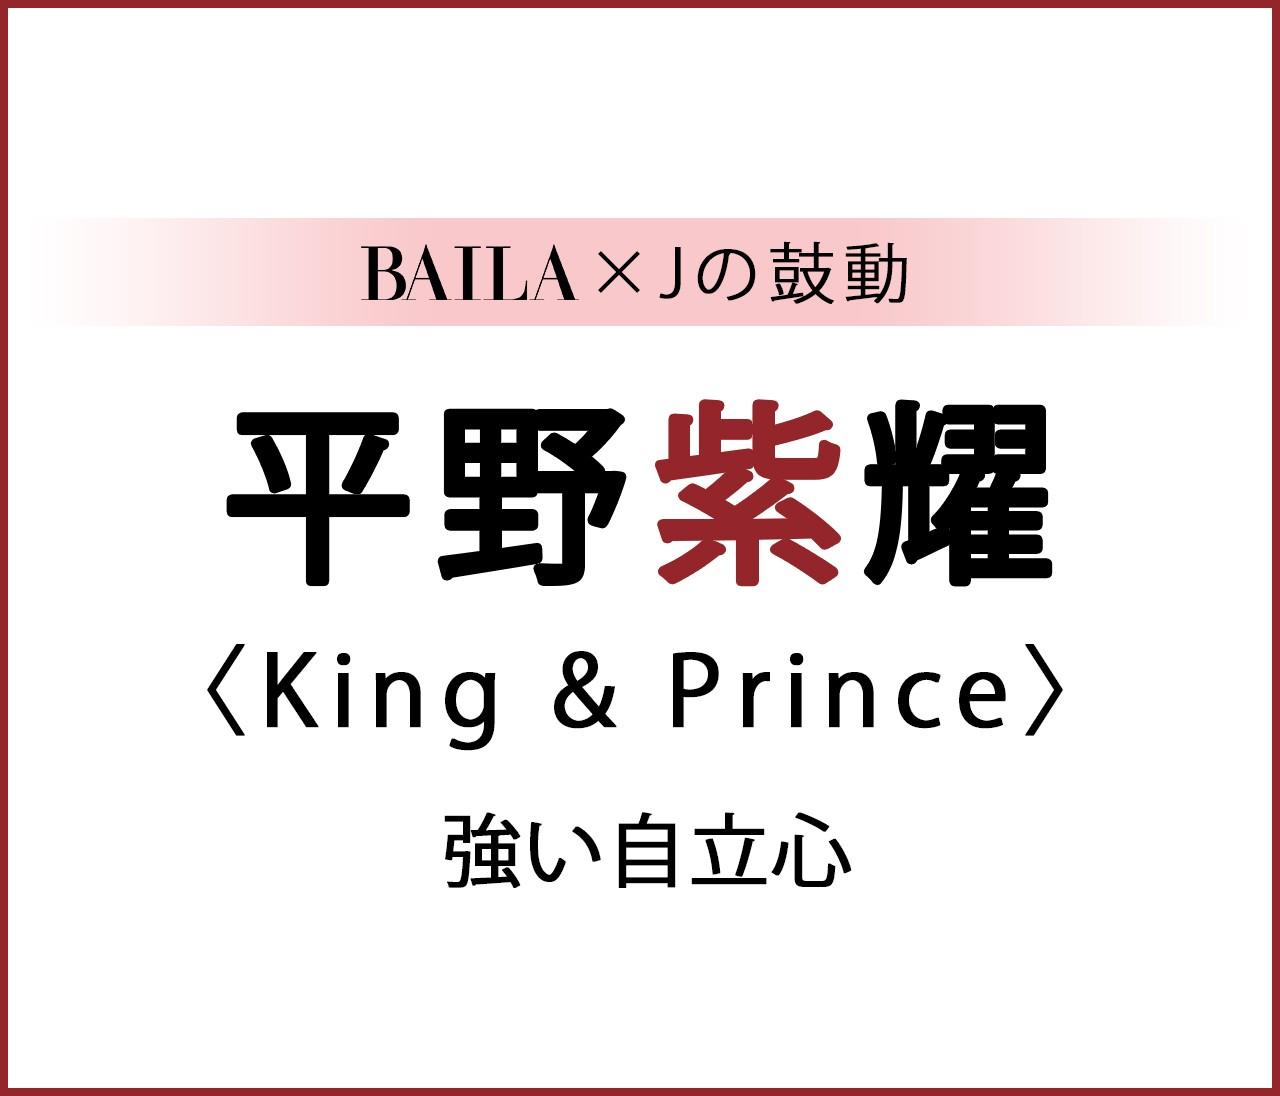 【 #King&Prince #平野紫耀 】King & Prince 平野紫耀スペシャルインタビュー【BAILA × Jの鼓動】